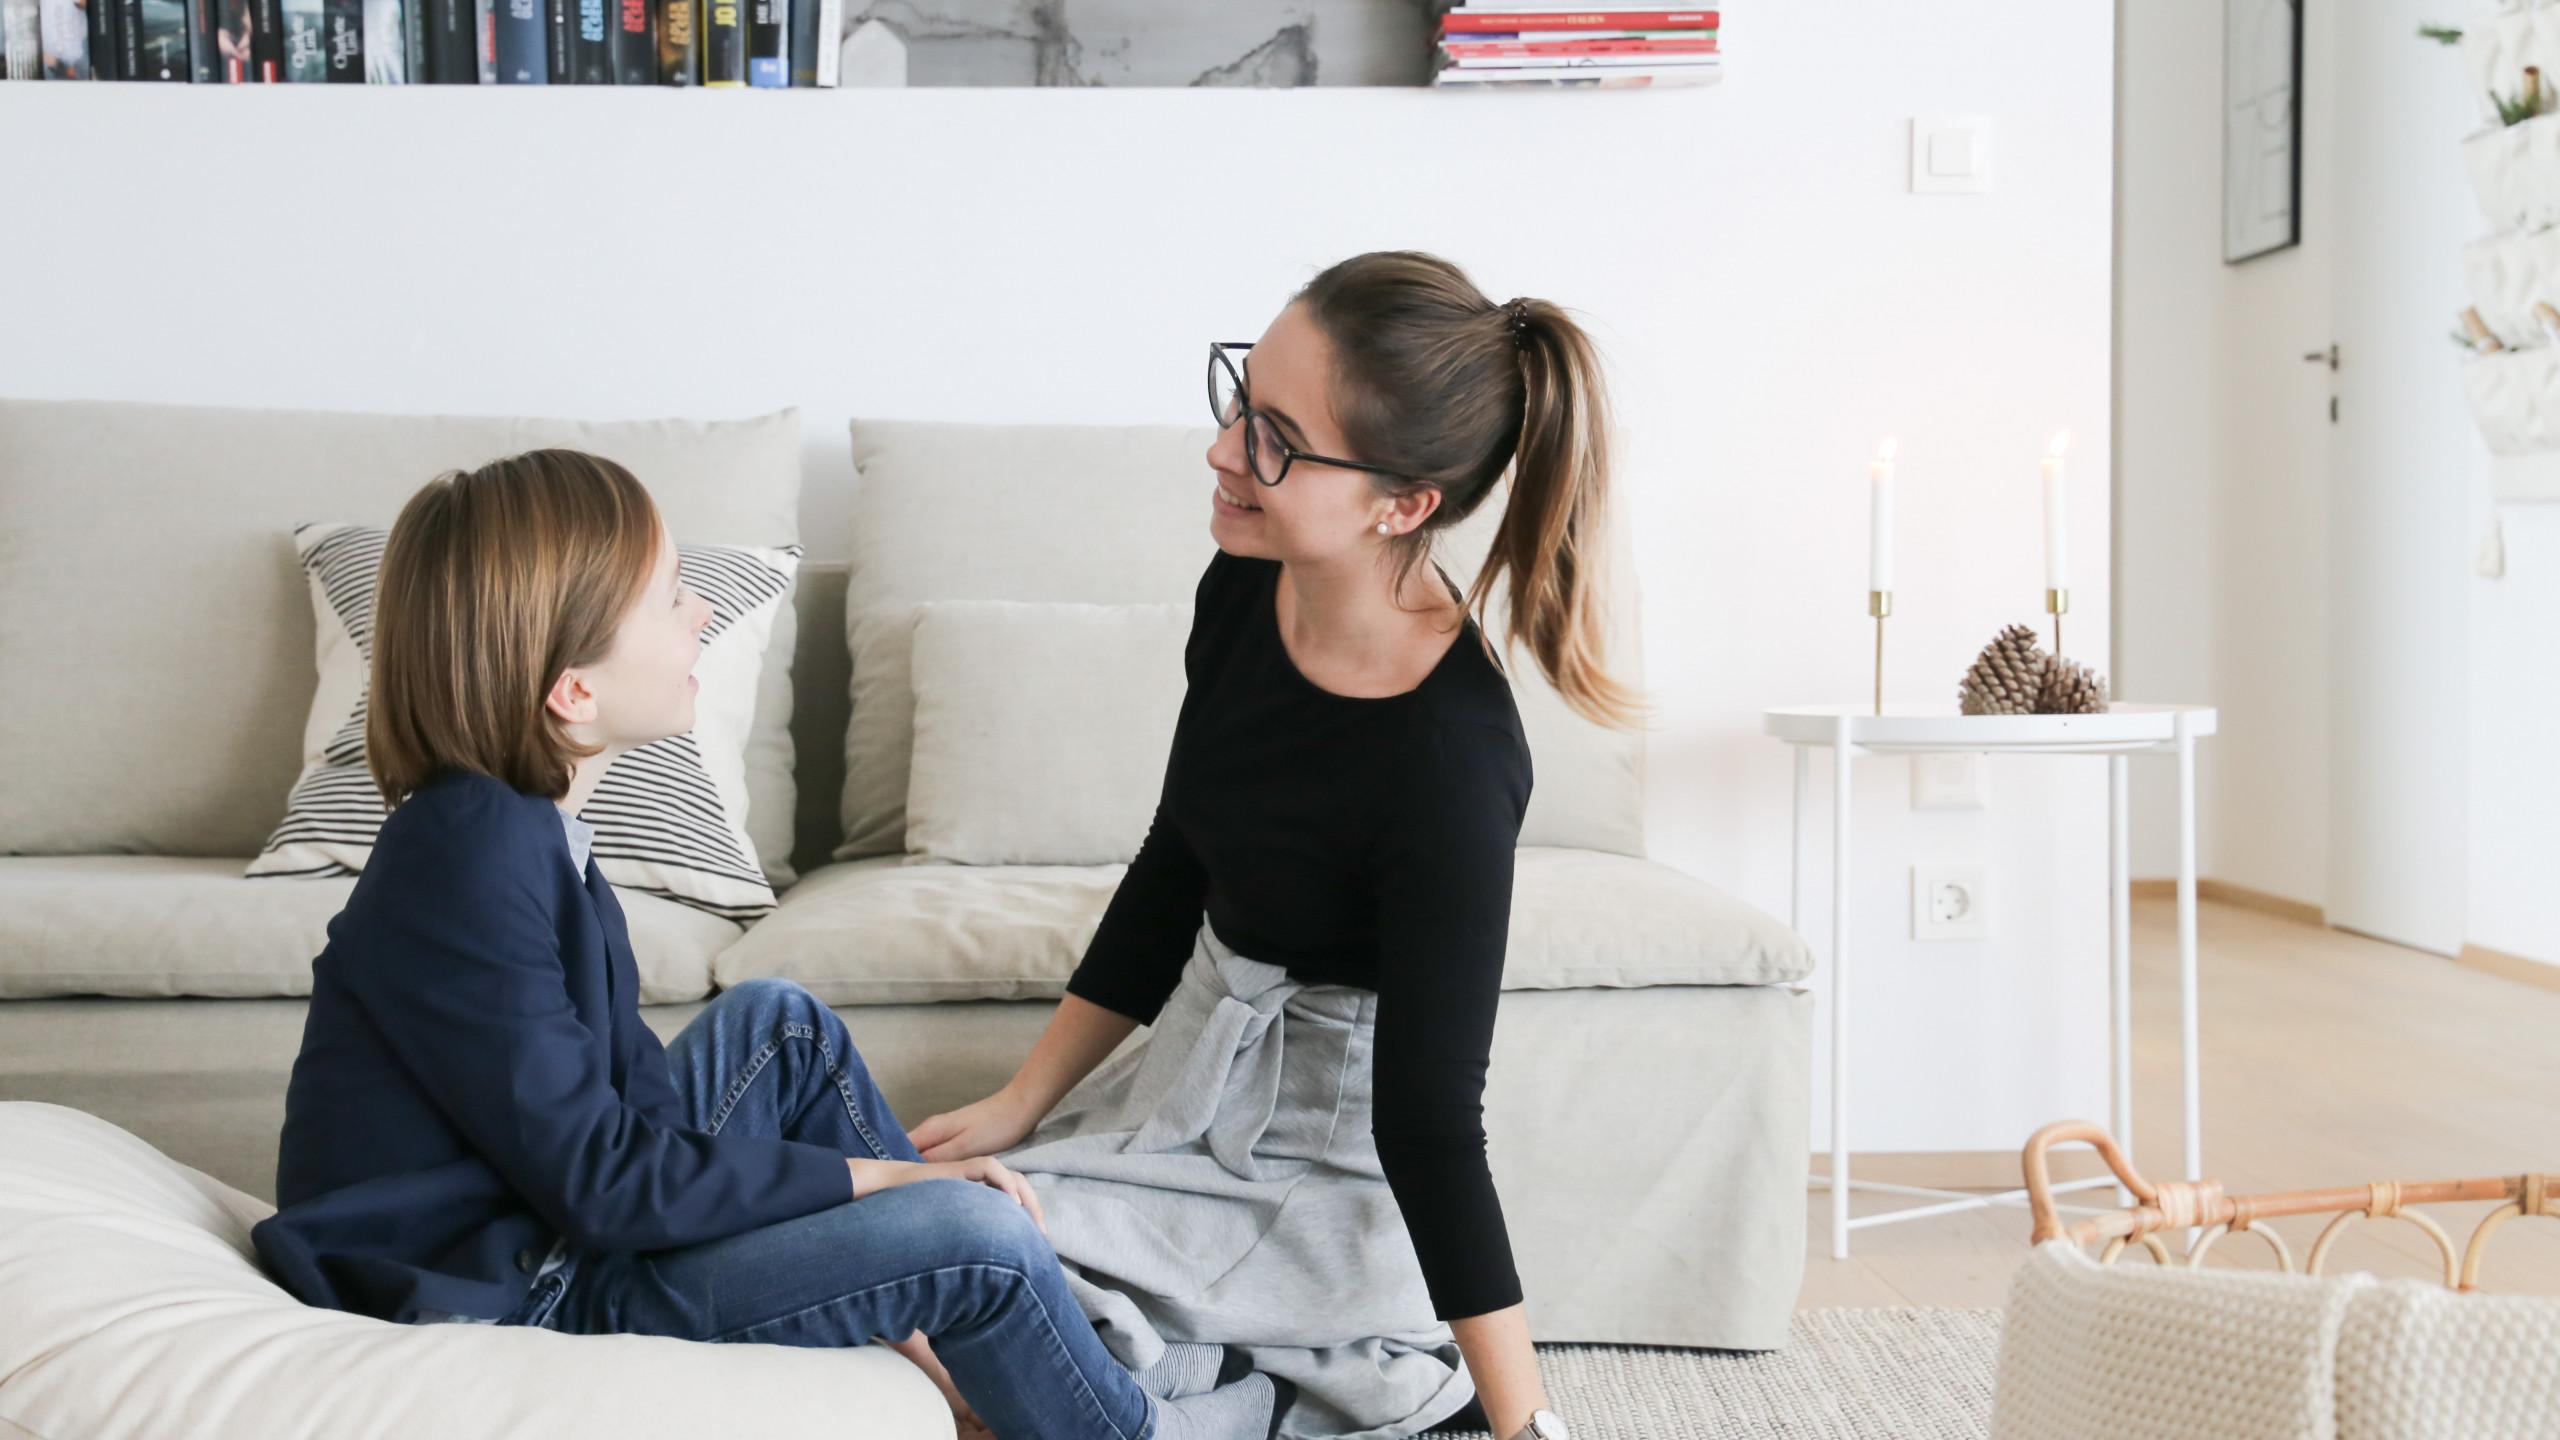 子供部屋を素敵にレイアウト!大人も試せるインテリア術をご紹介します。